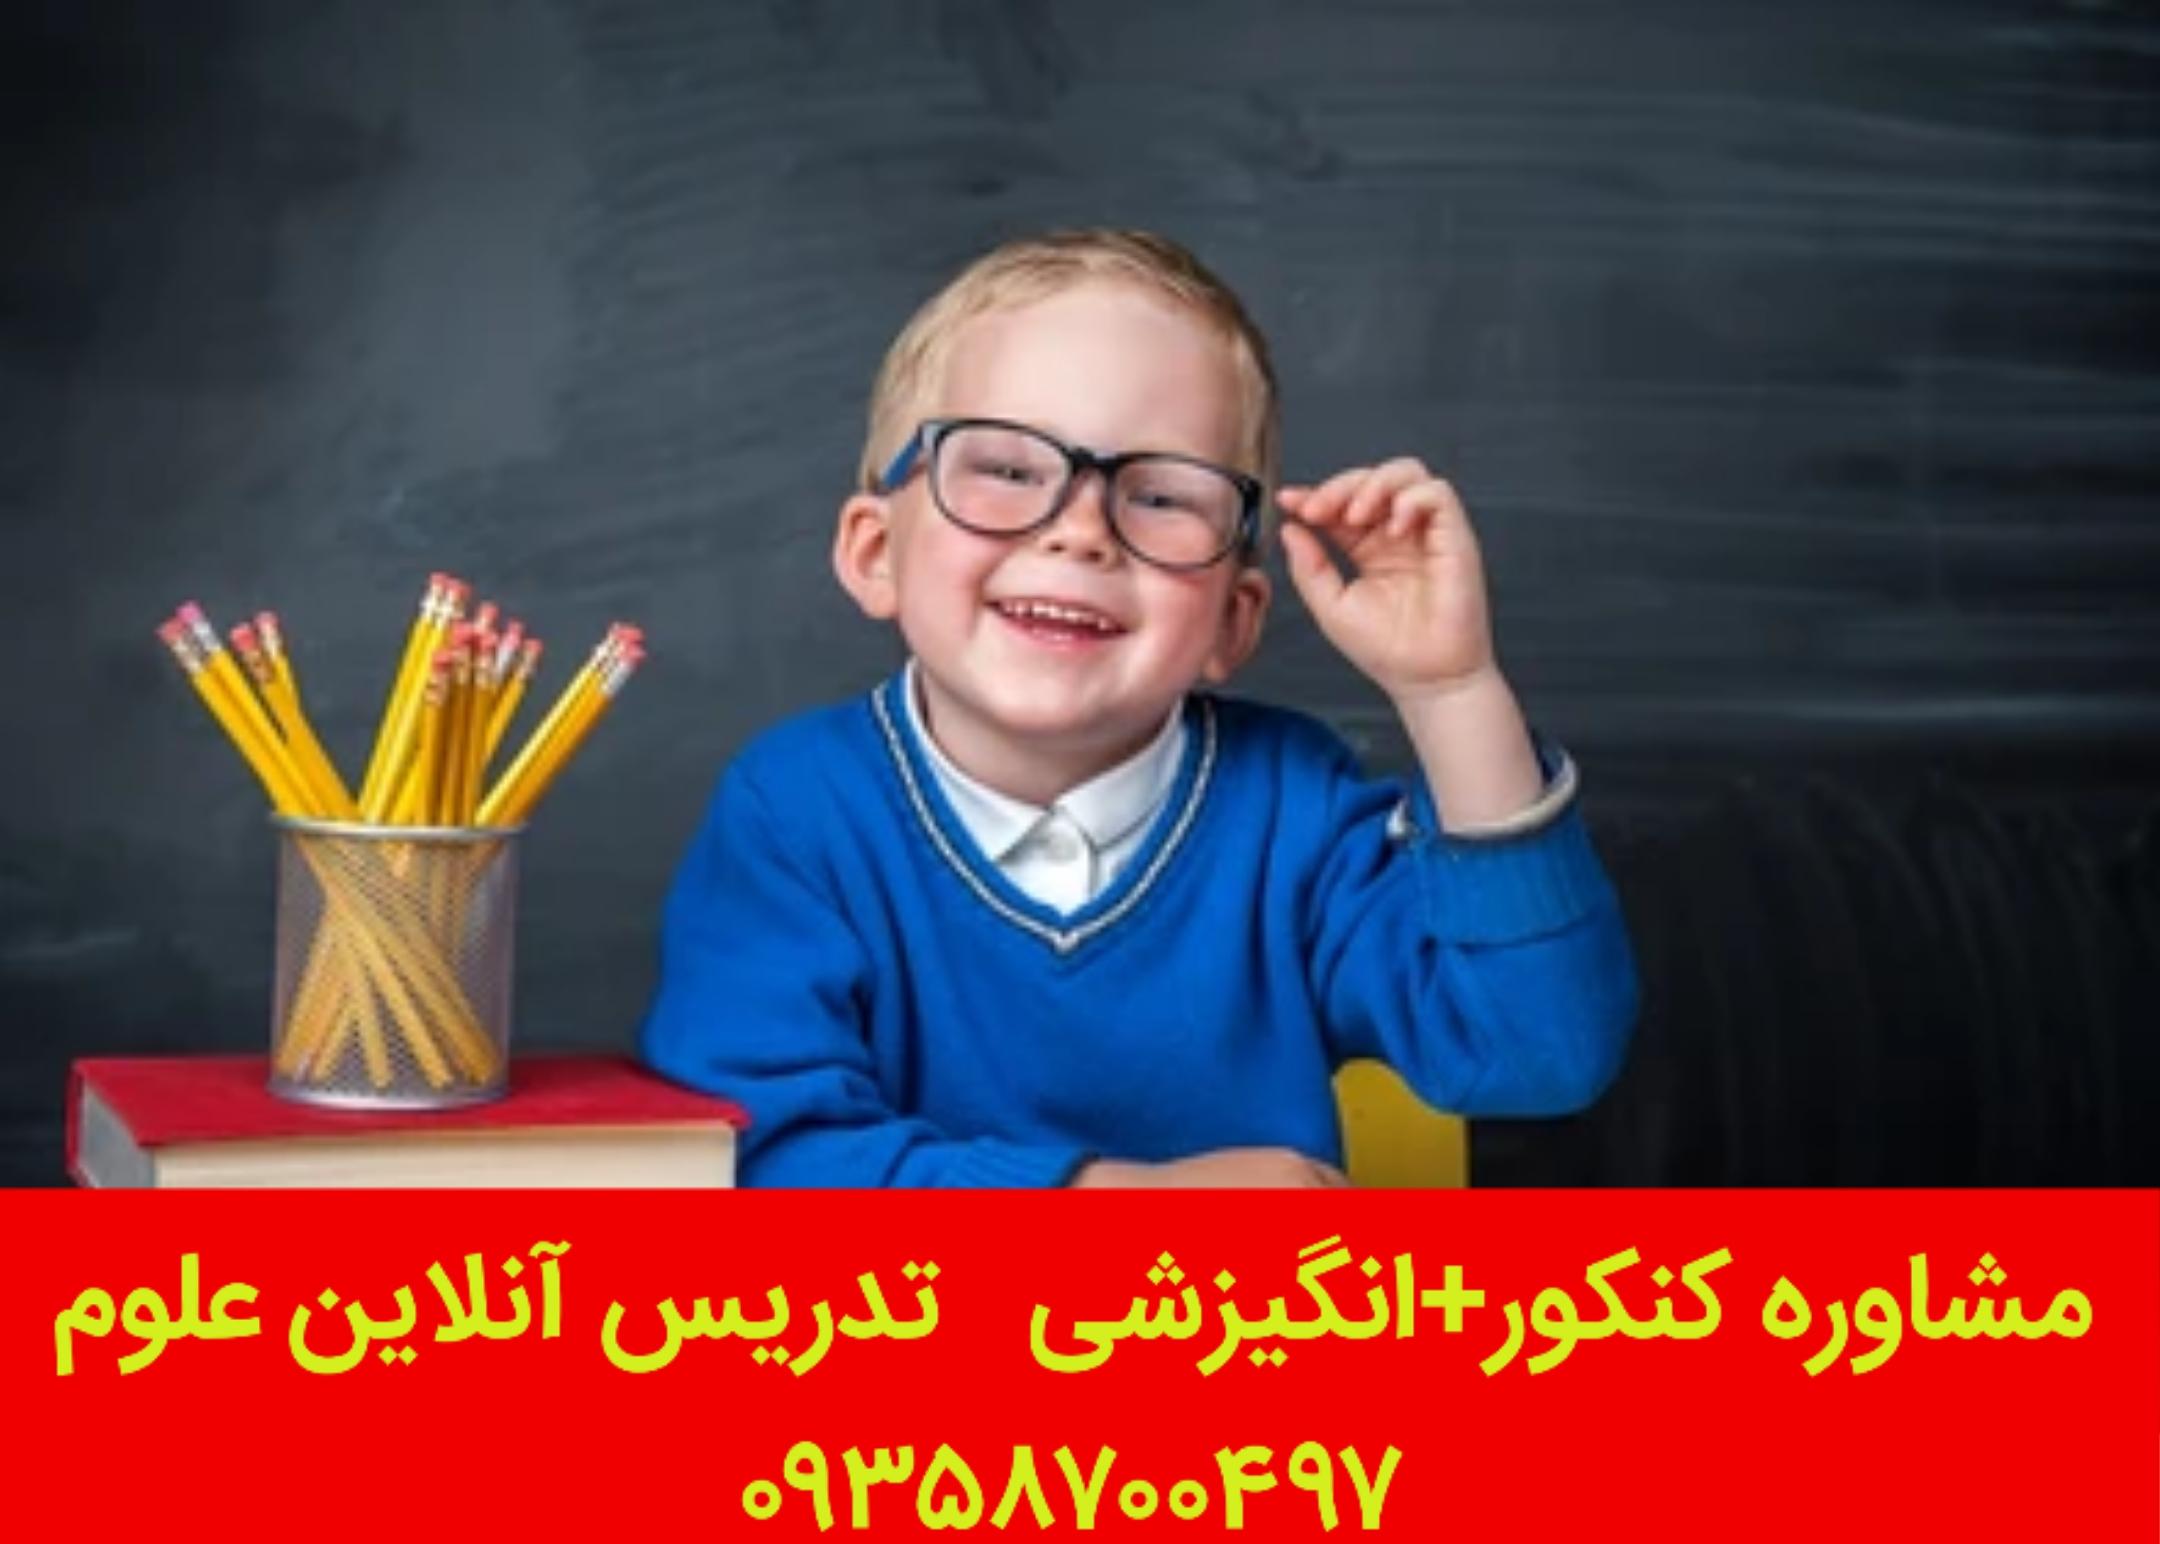 اهمیت درس علوم در متوسطه اول_vahidimeni.ir